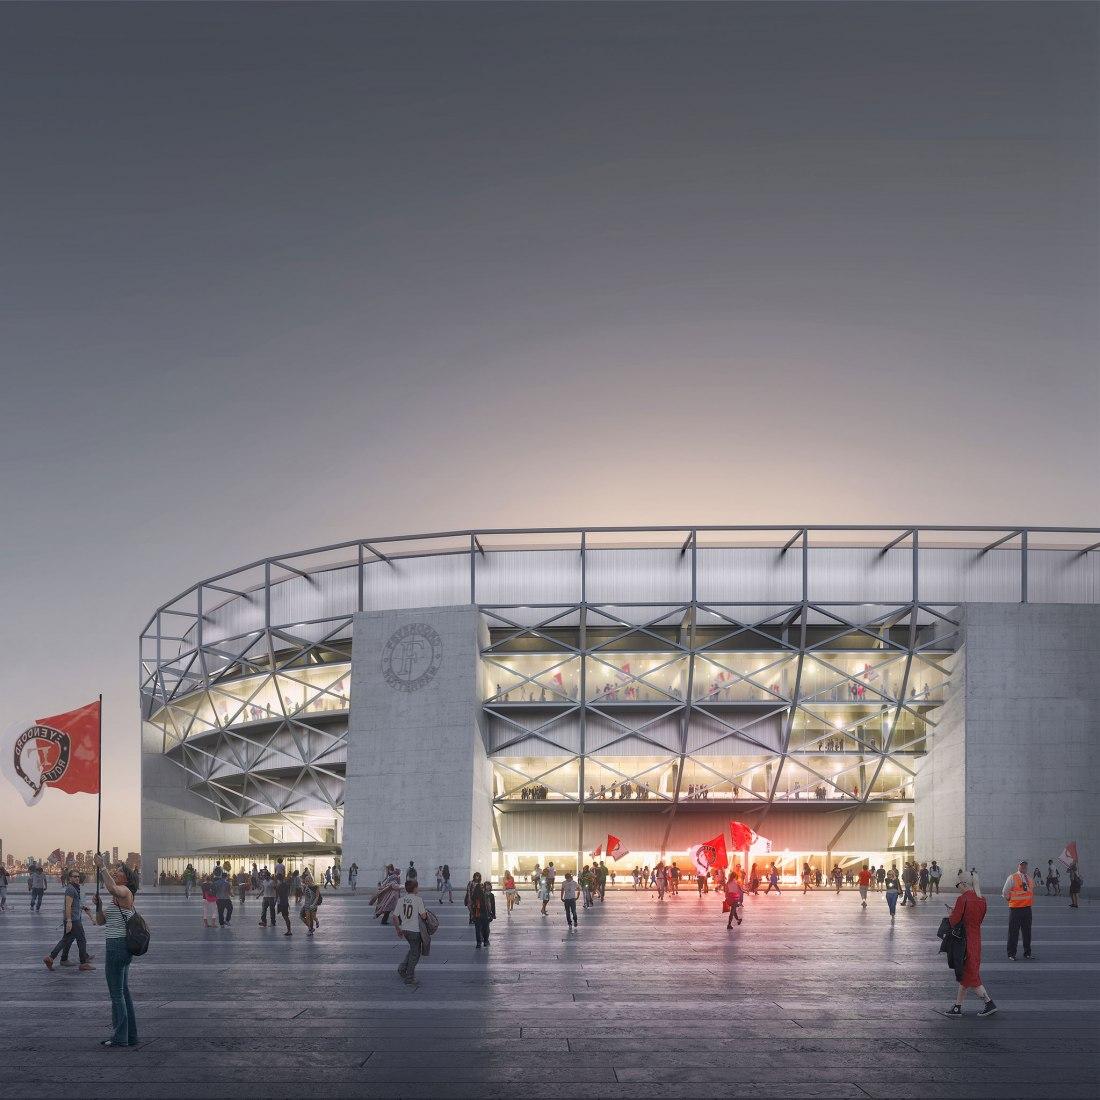 Visualización. Nuevo estadio del Feyenoord City por OMA. Imagen por Frans Parthesius, cortesía de OMA